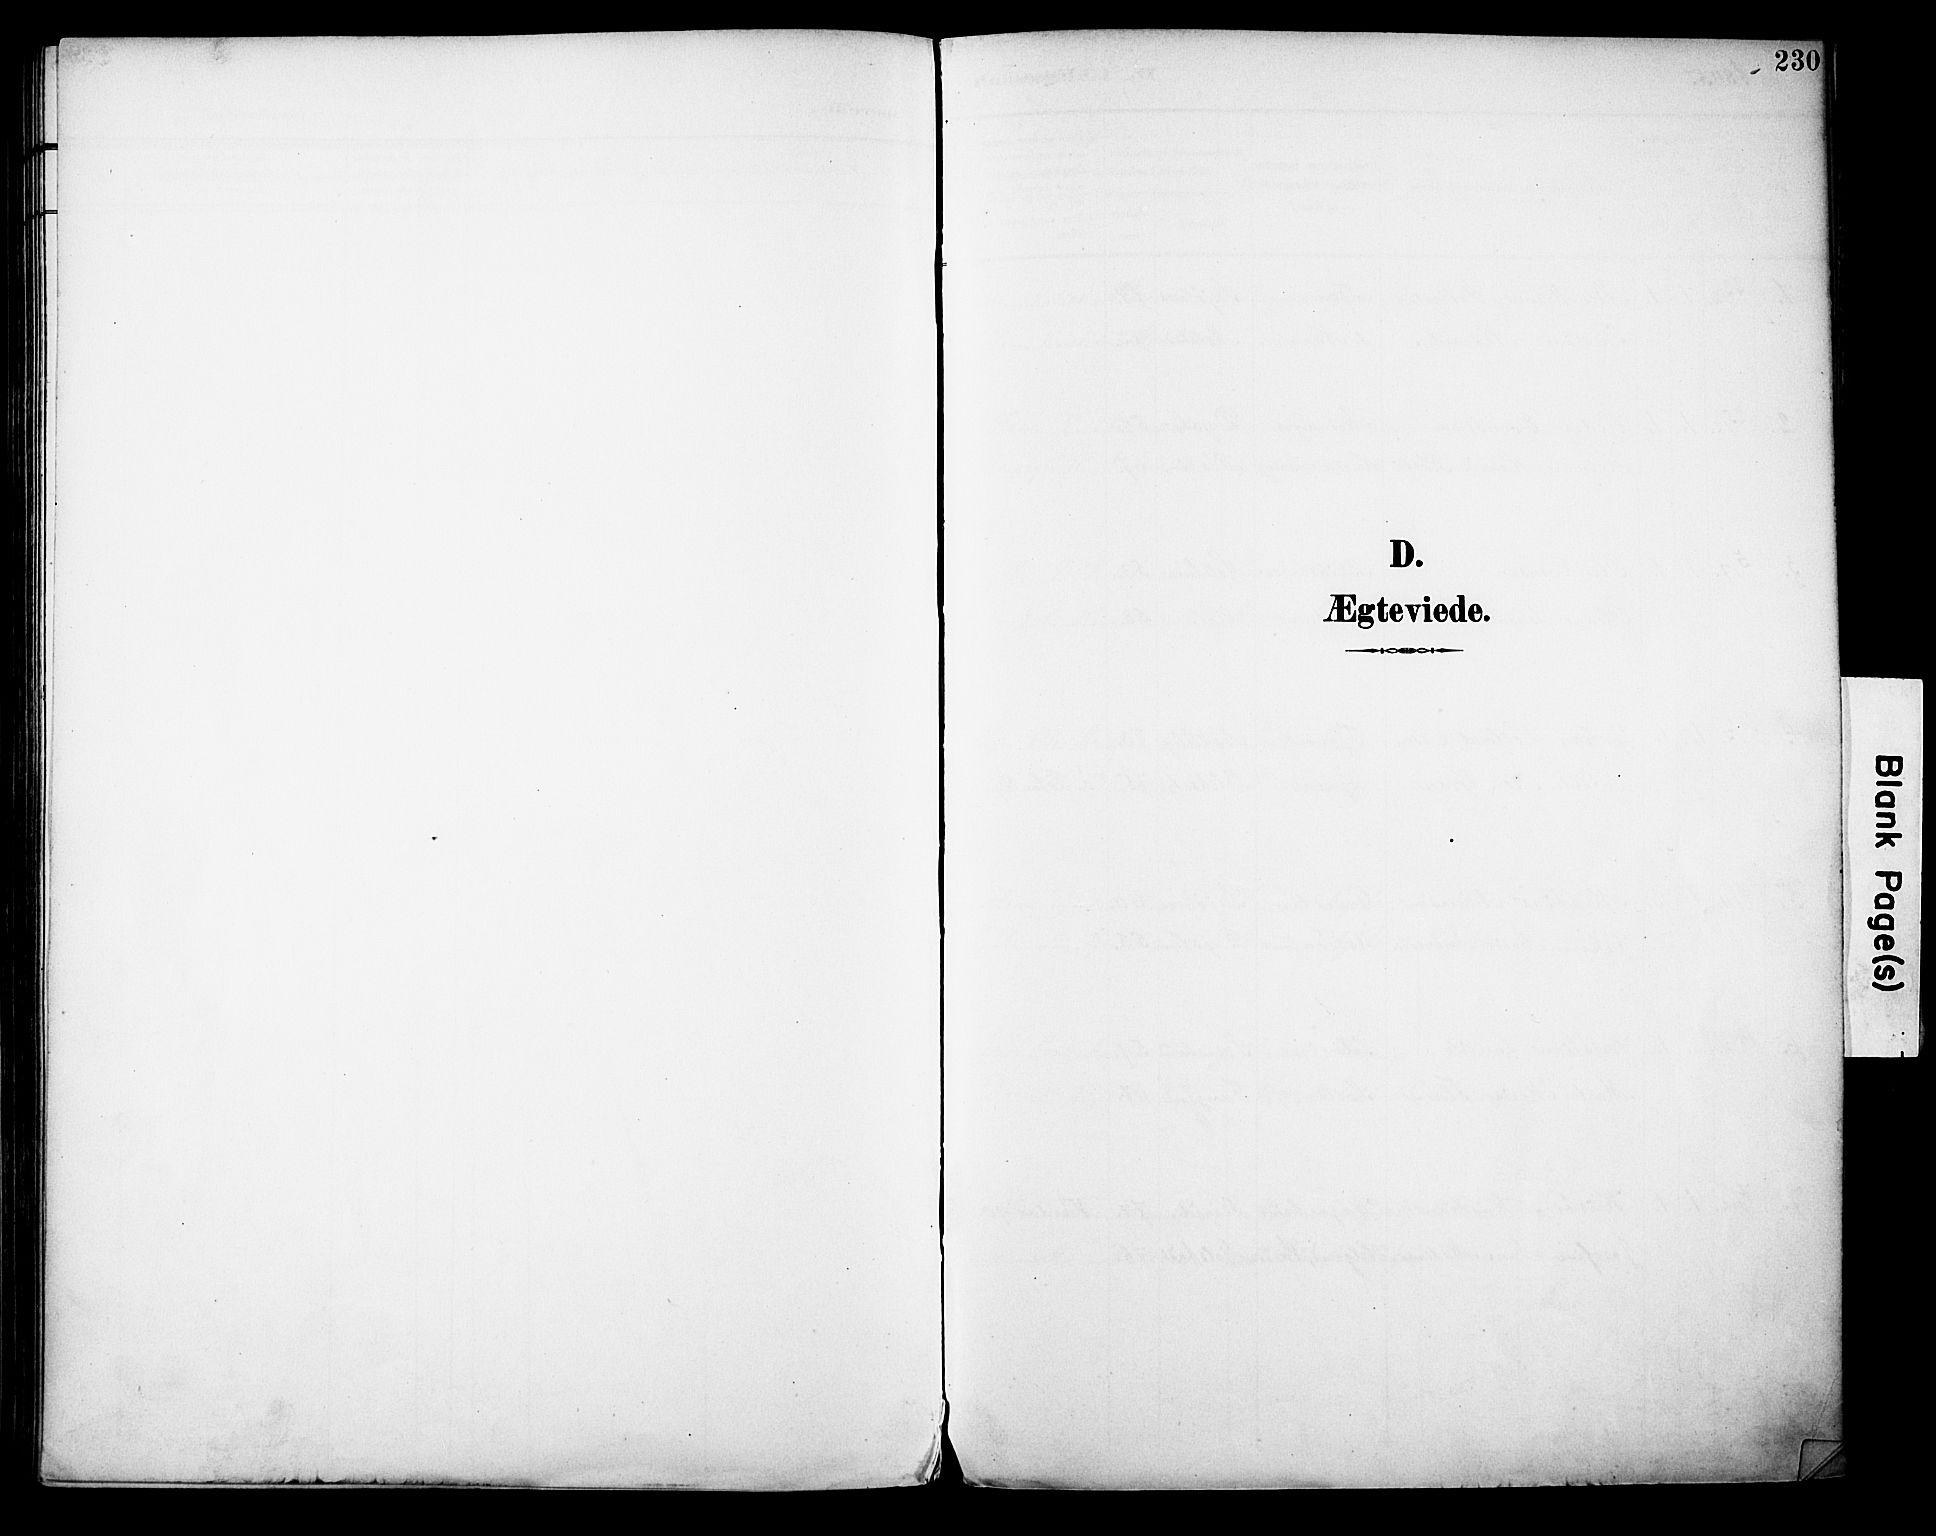 SAH, Vestre Toten prestekontor, Ministerialbok nr. 13, 1895-1911, s. 230